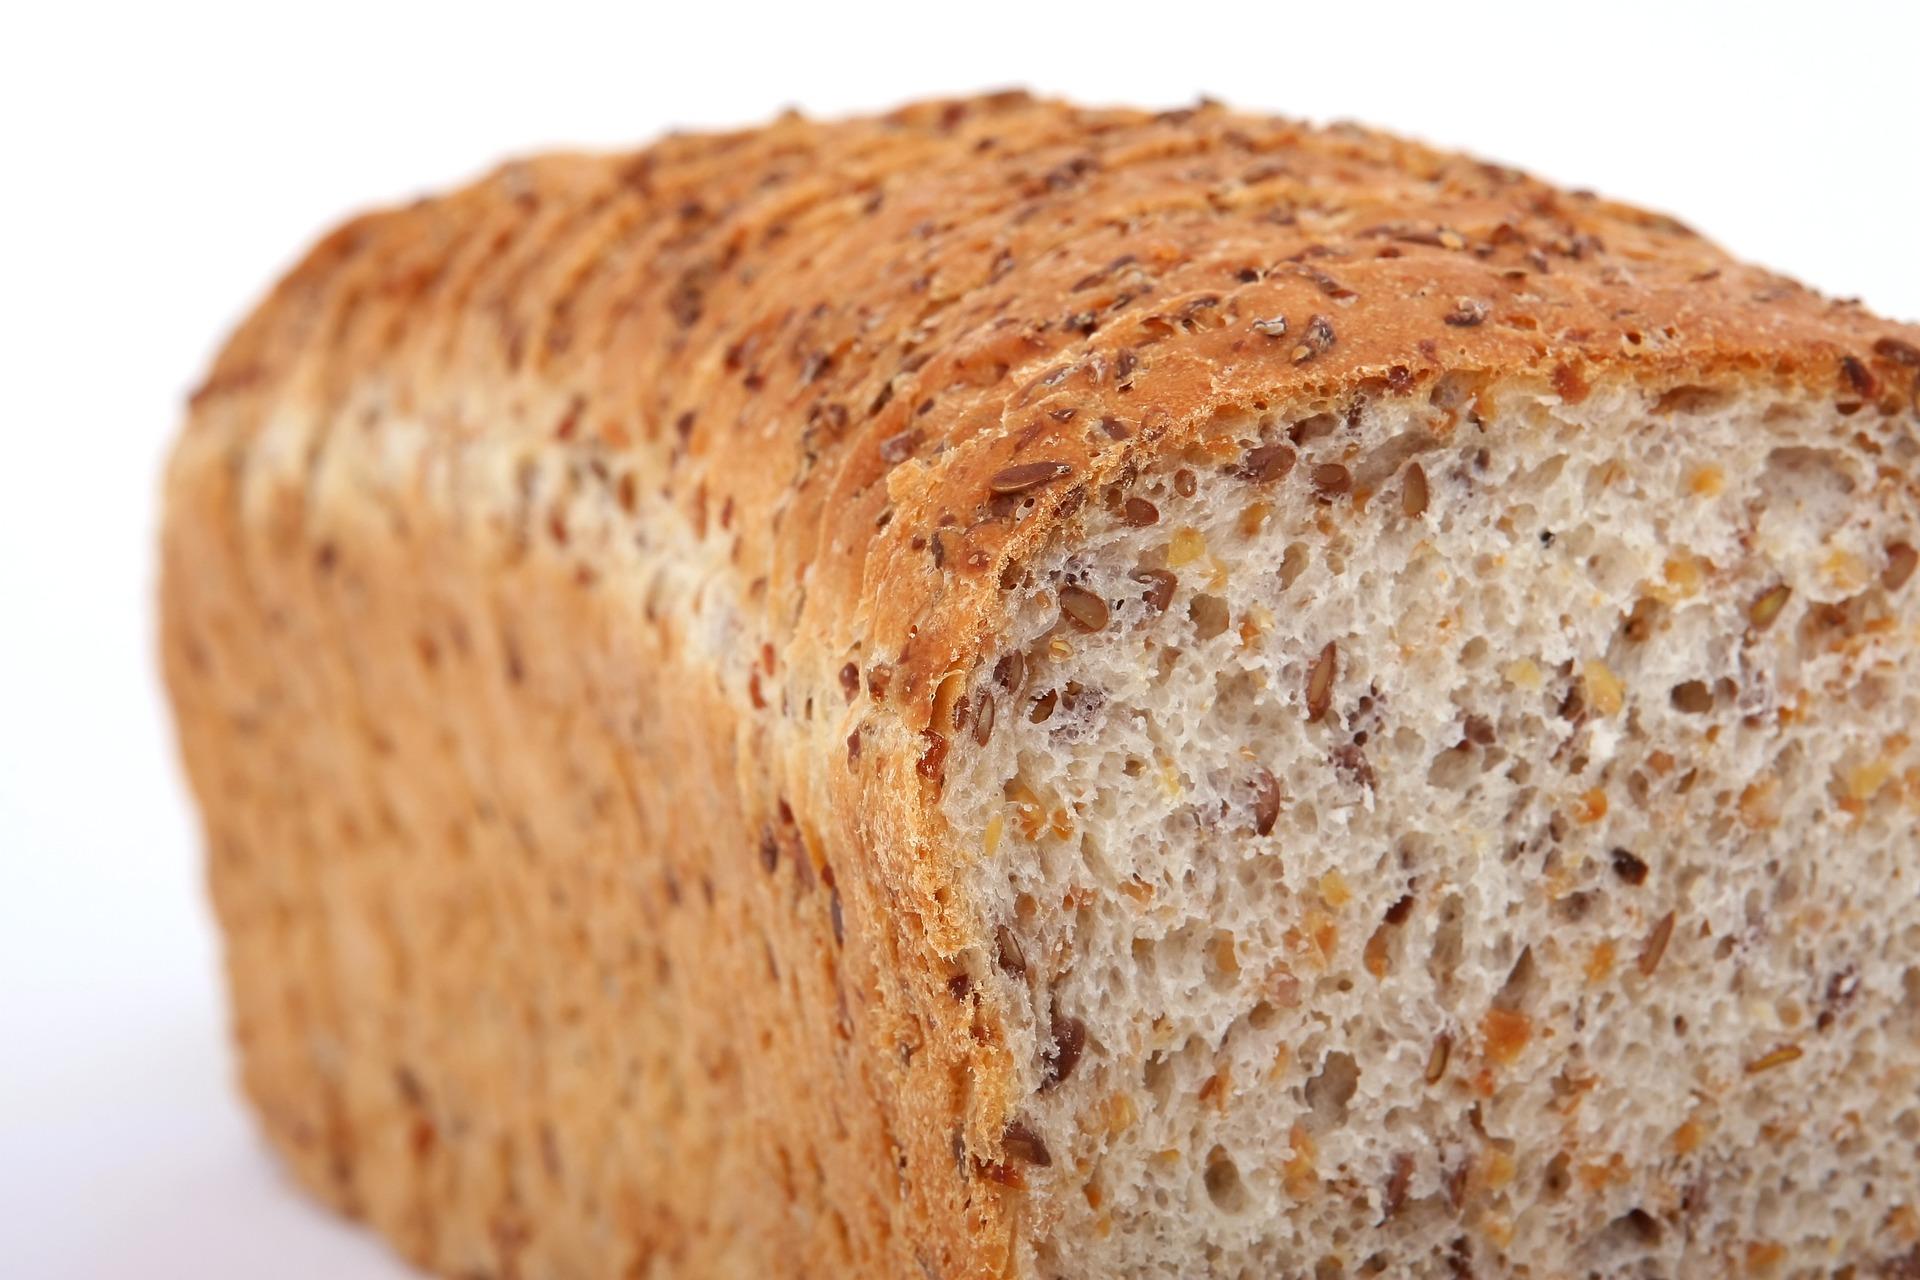 Bread high in sugar